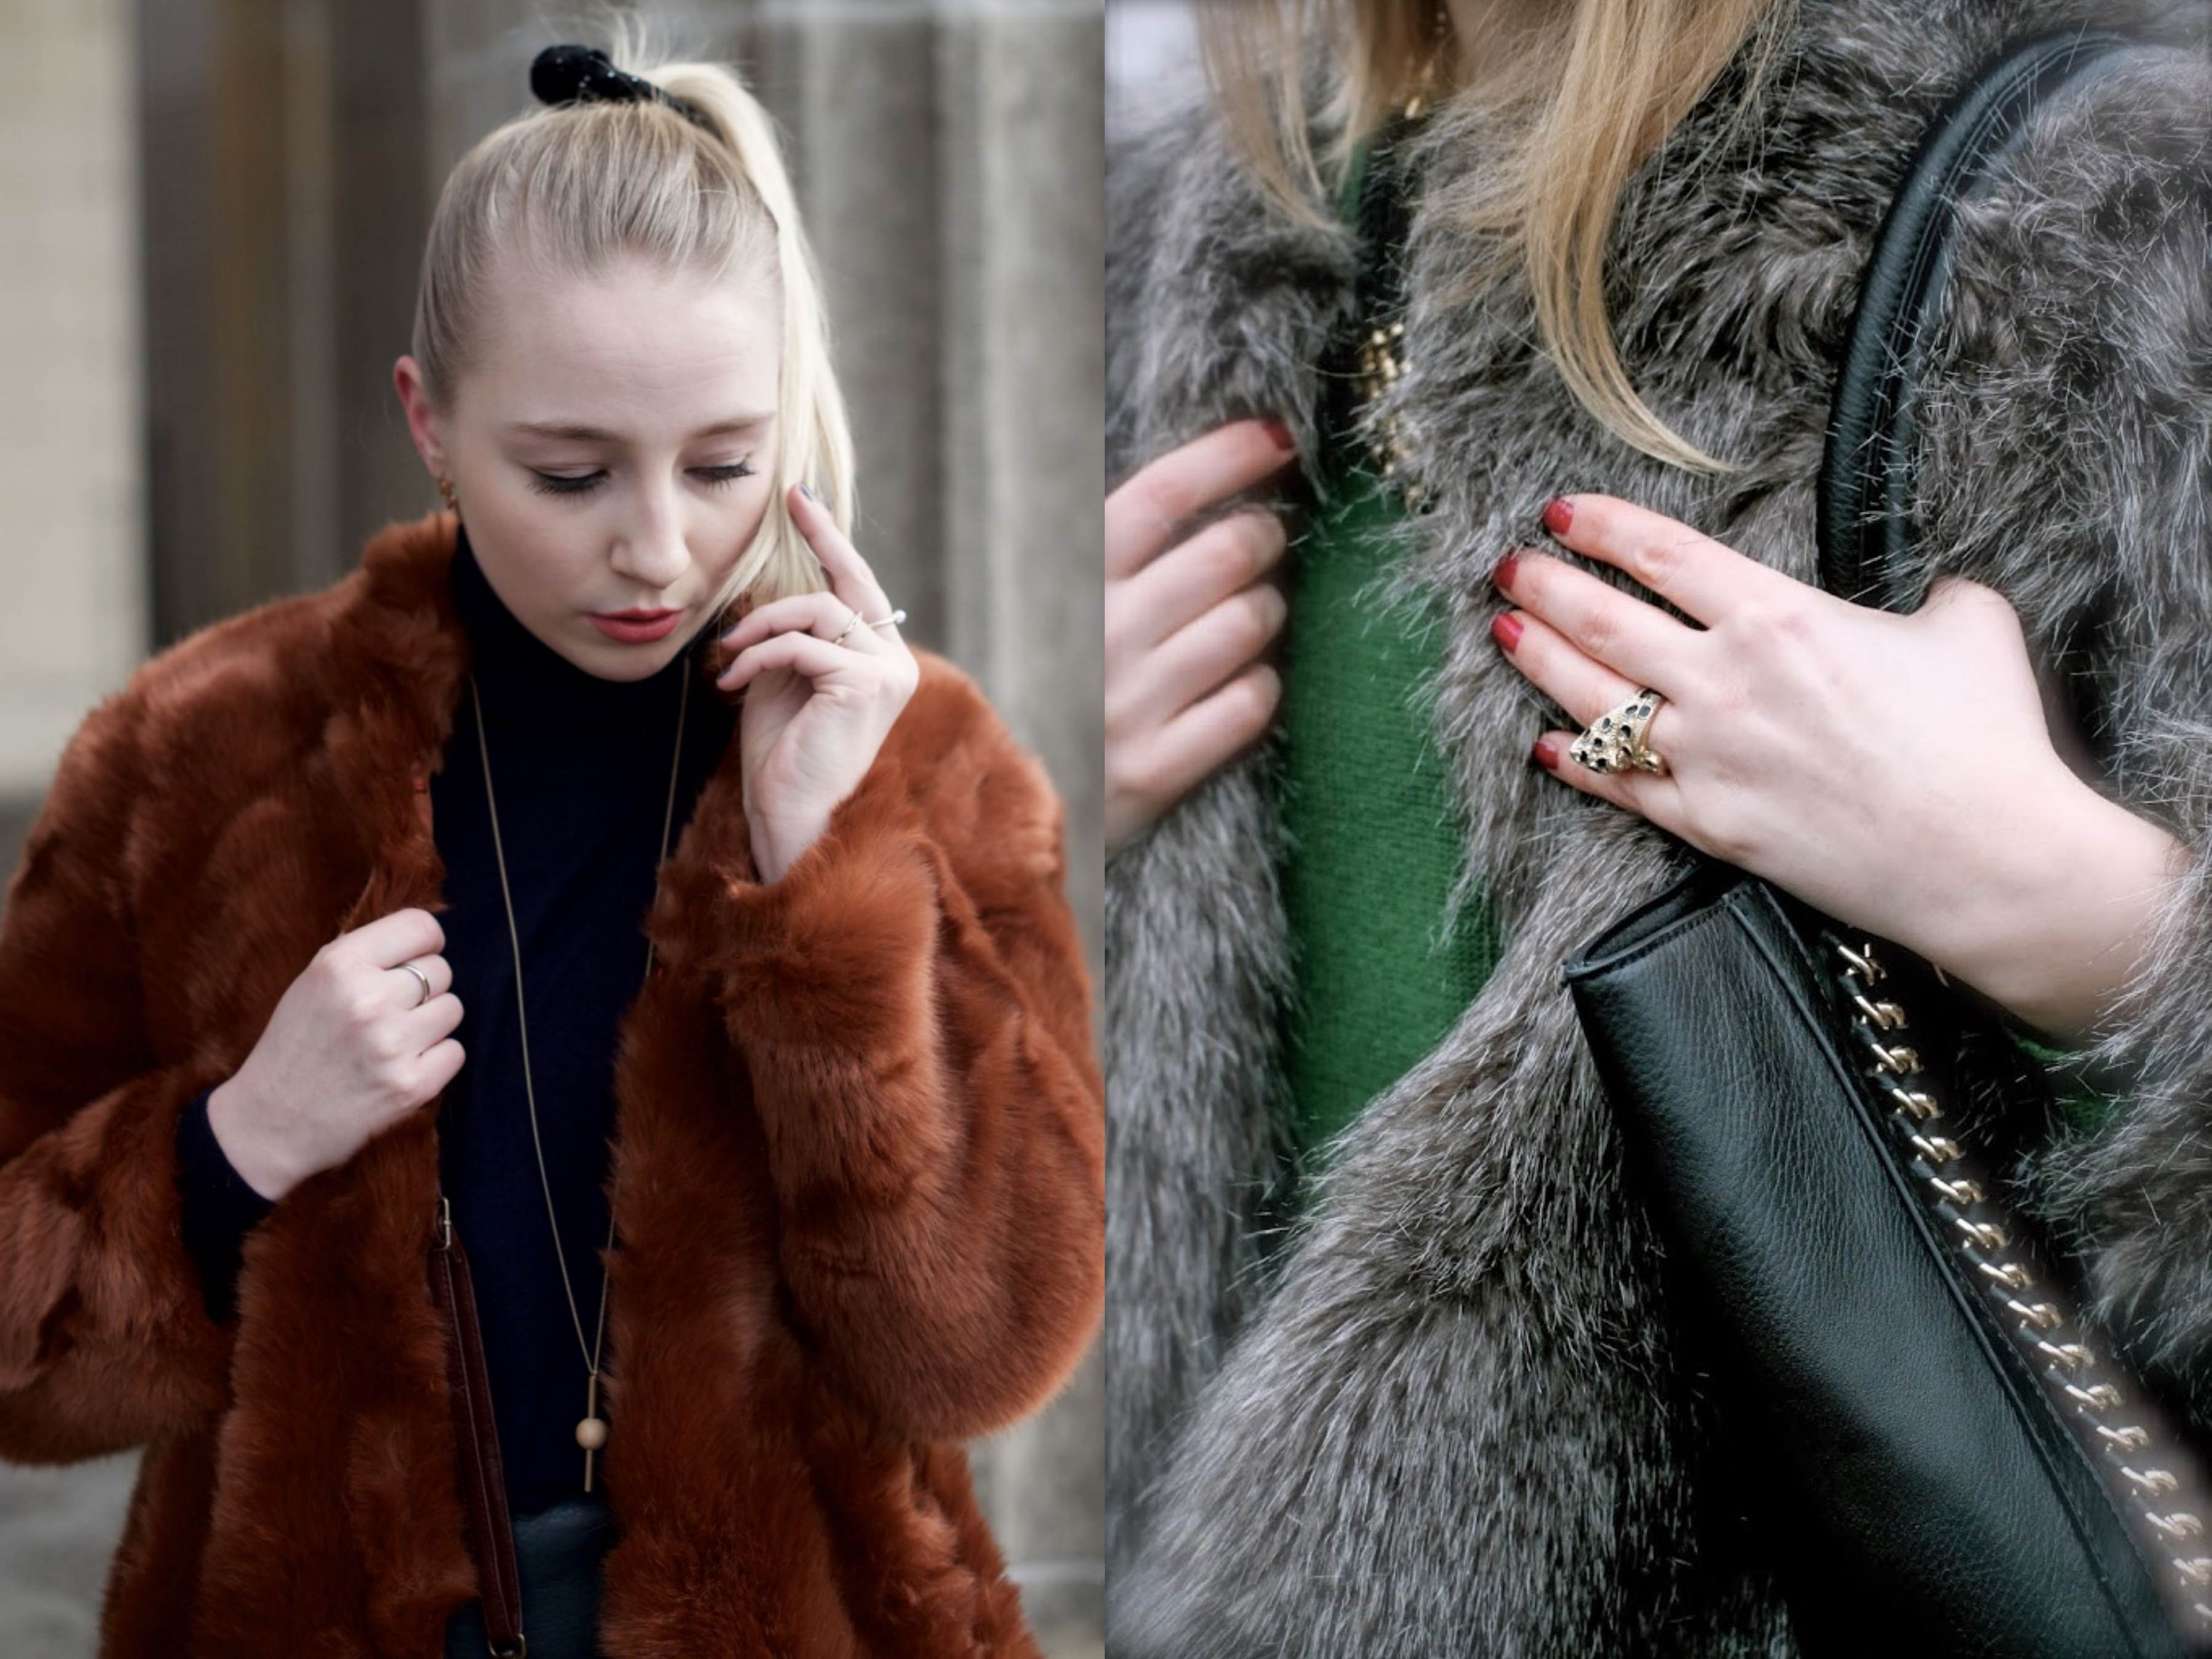 fake-fur-herbst-trends-fakefur-modeblog